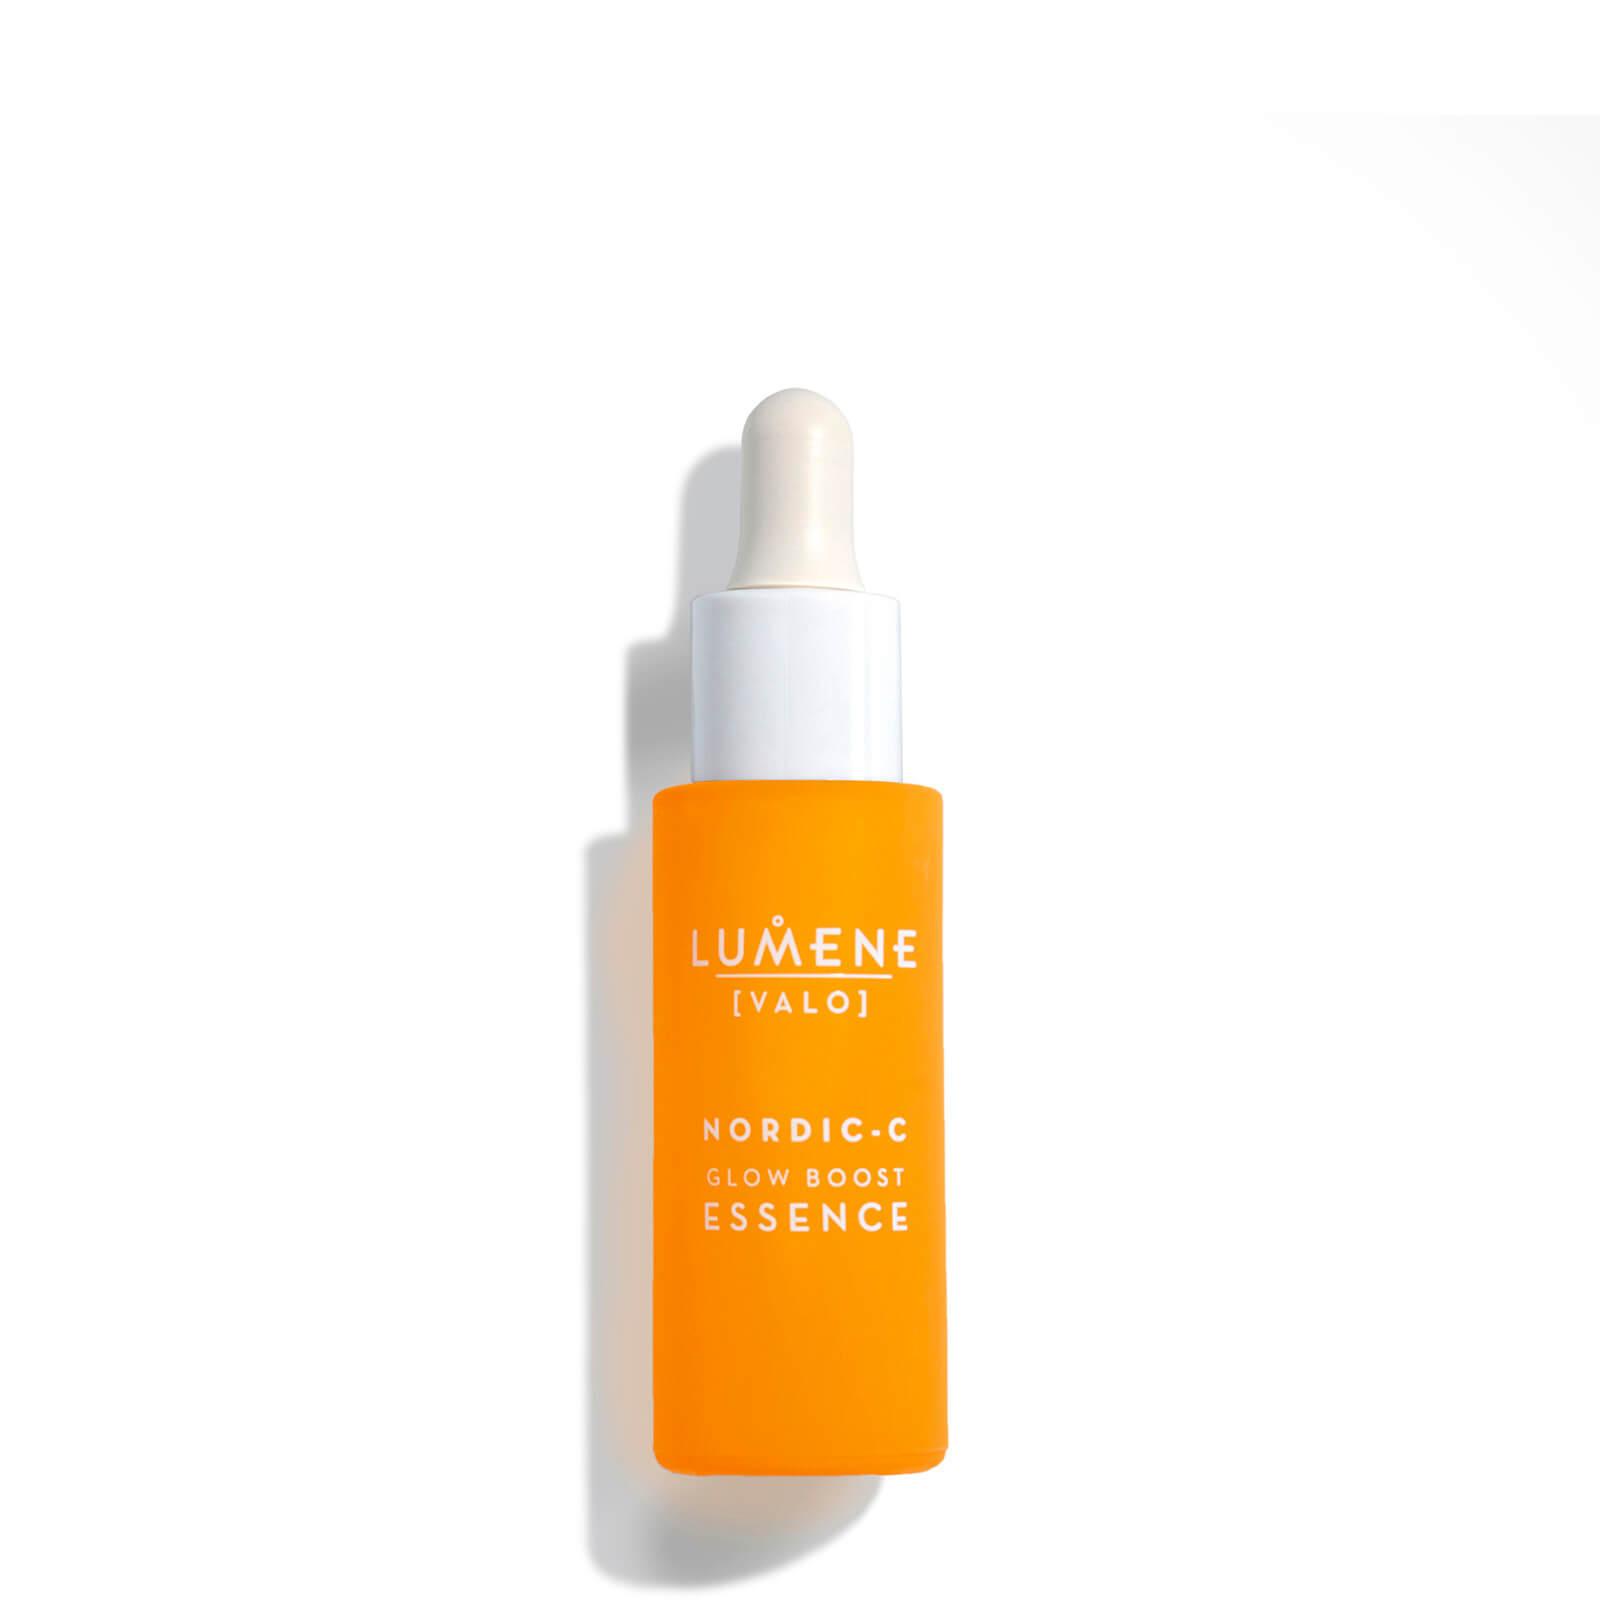 Купить Придающая сияние гиалуроновая эссенция Lumene Nordic C [Valo] Glow Boost Essence 30 мл